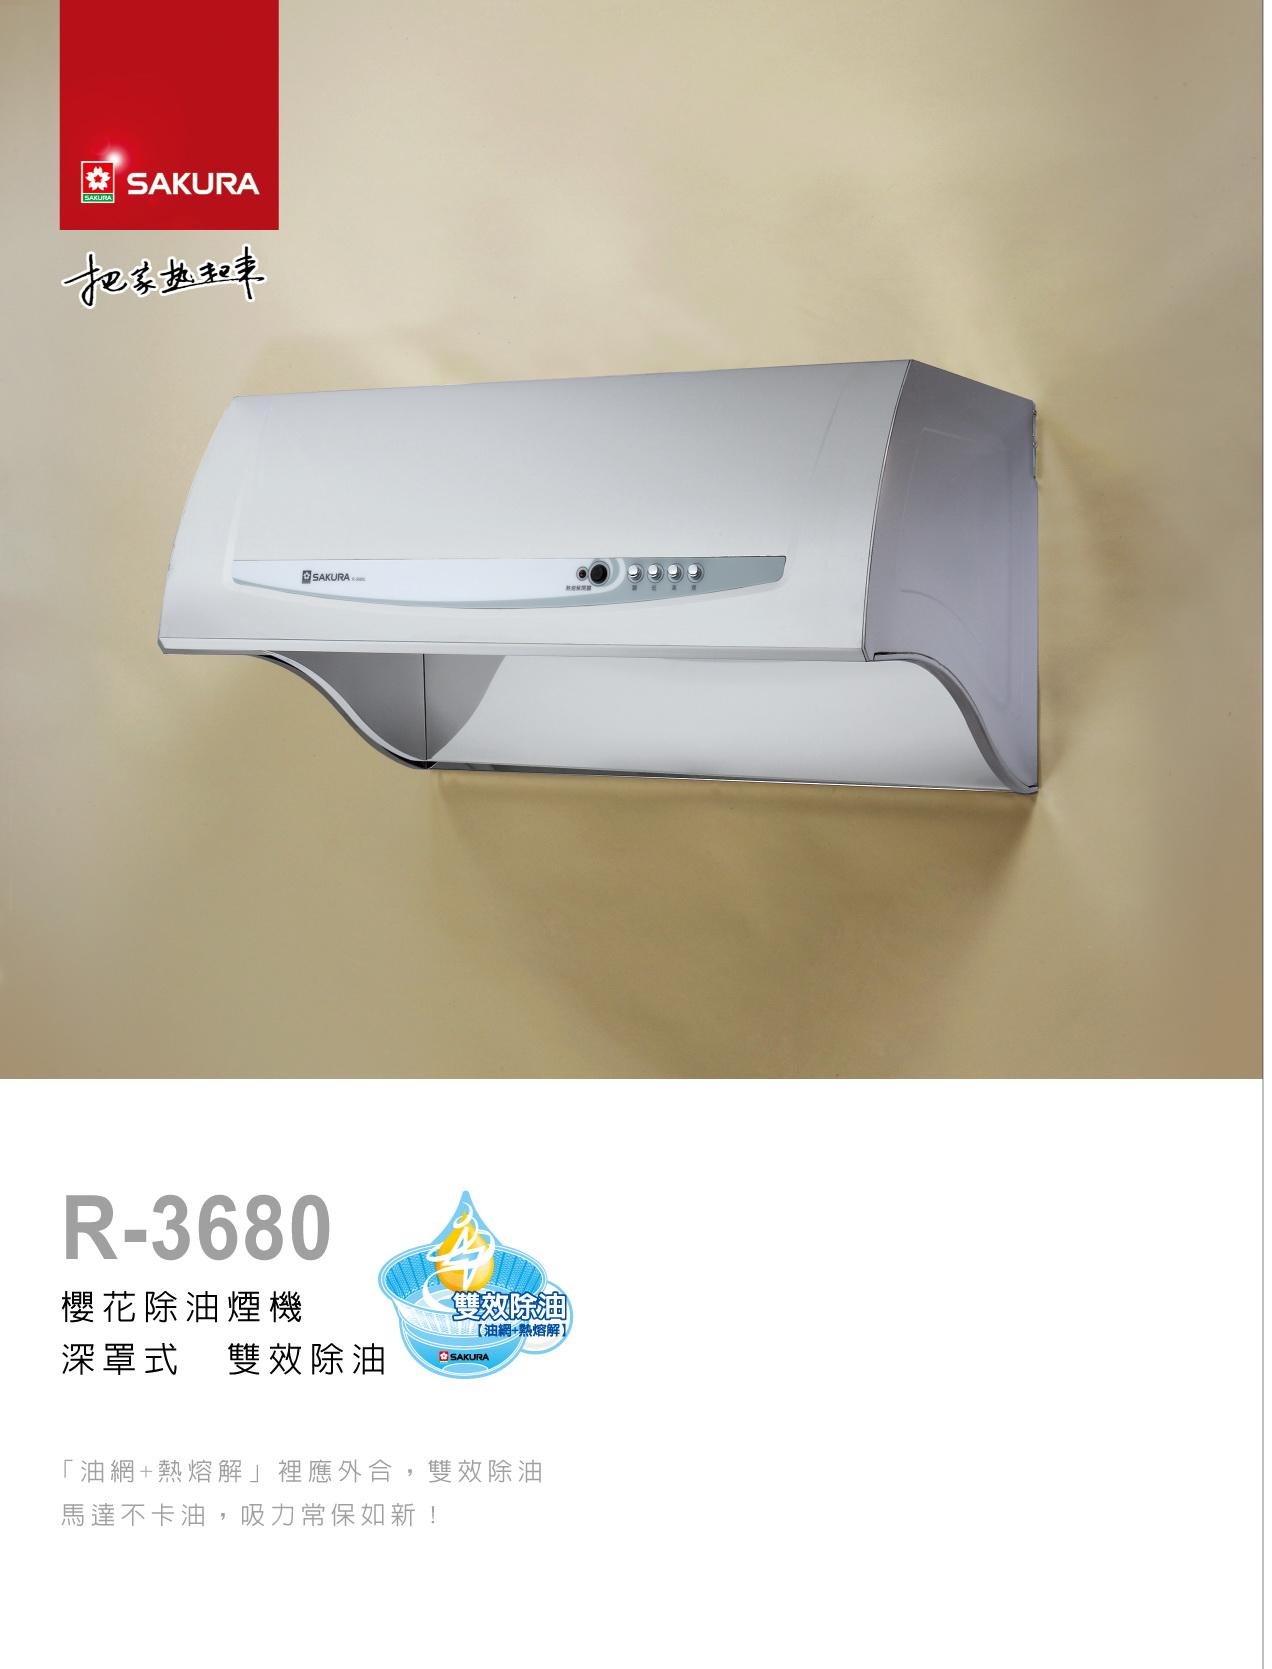 櫻花排油煙機R-3680.jpg